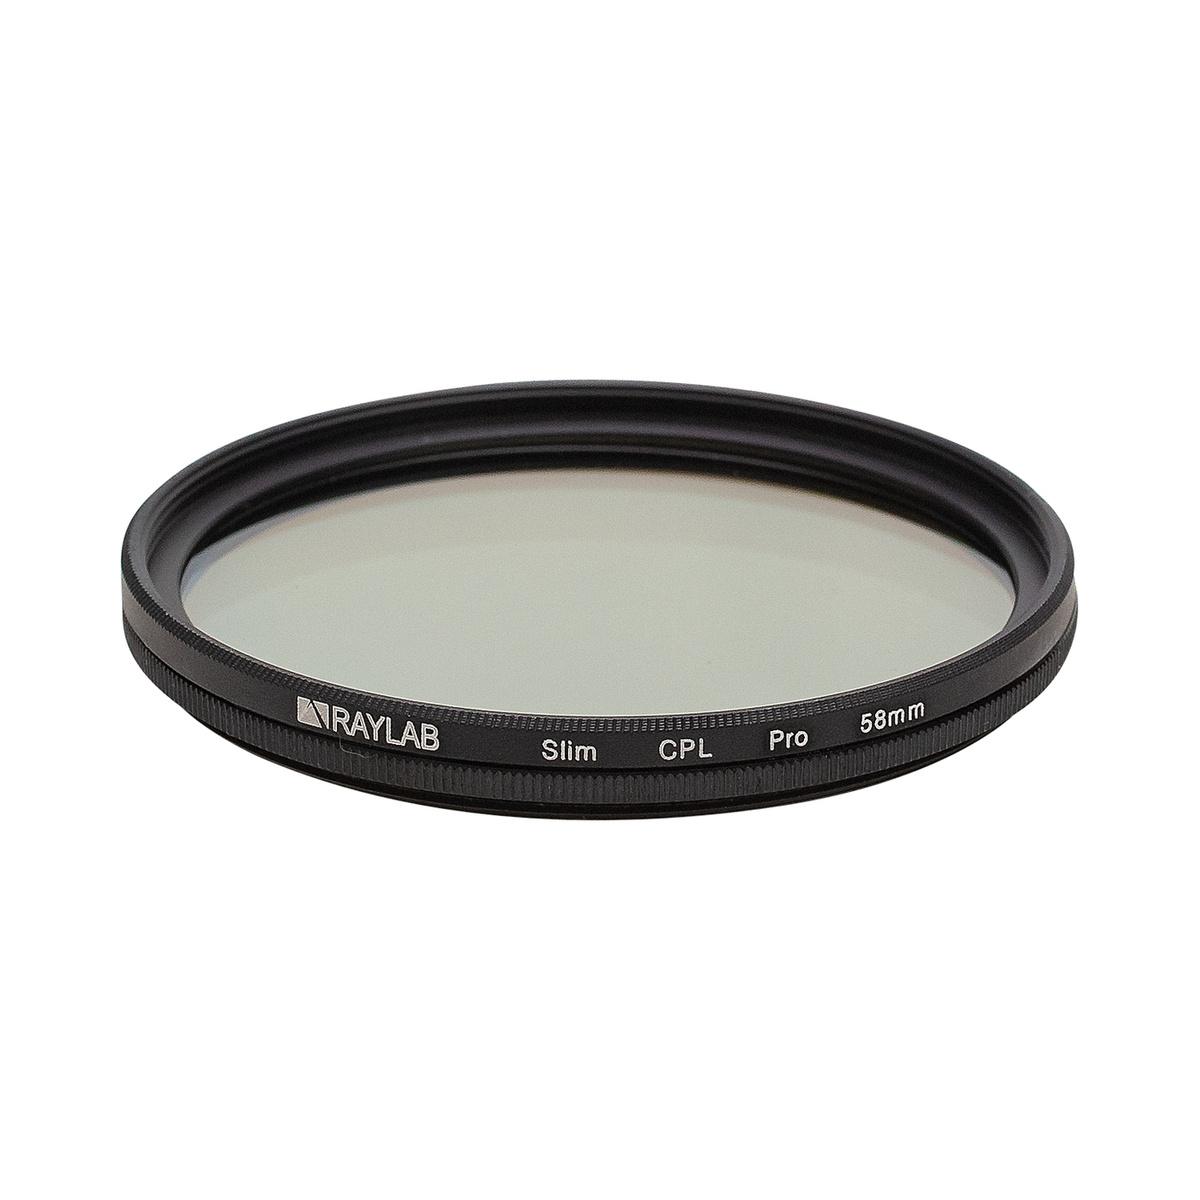 Фильтр поляризационный RayLab CPL Slim Pro 58mm #1